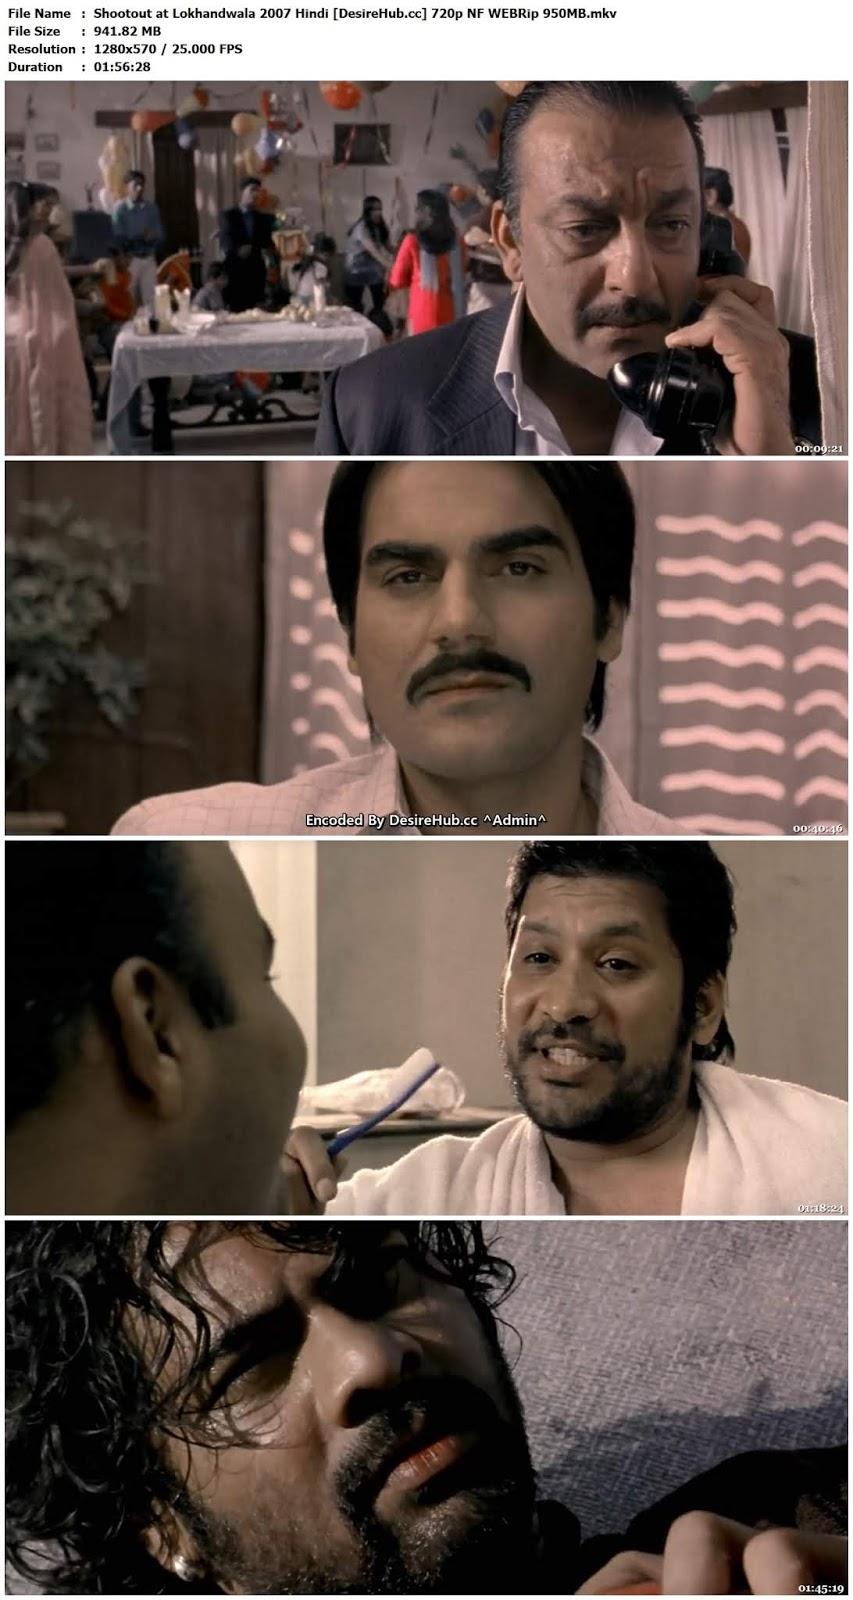 Shootout at Lokhandwala 2007 Hindi 720p NF WEBRip 950MB Desirehub